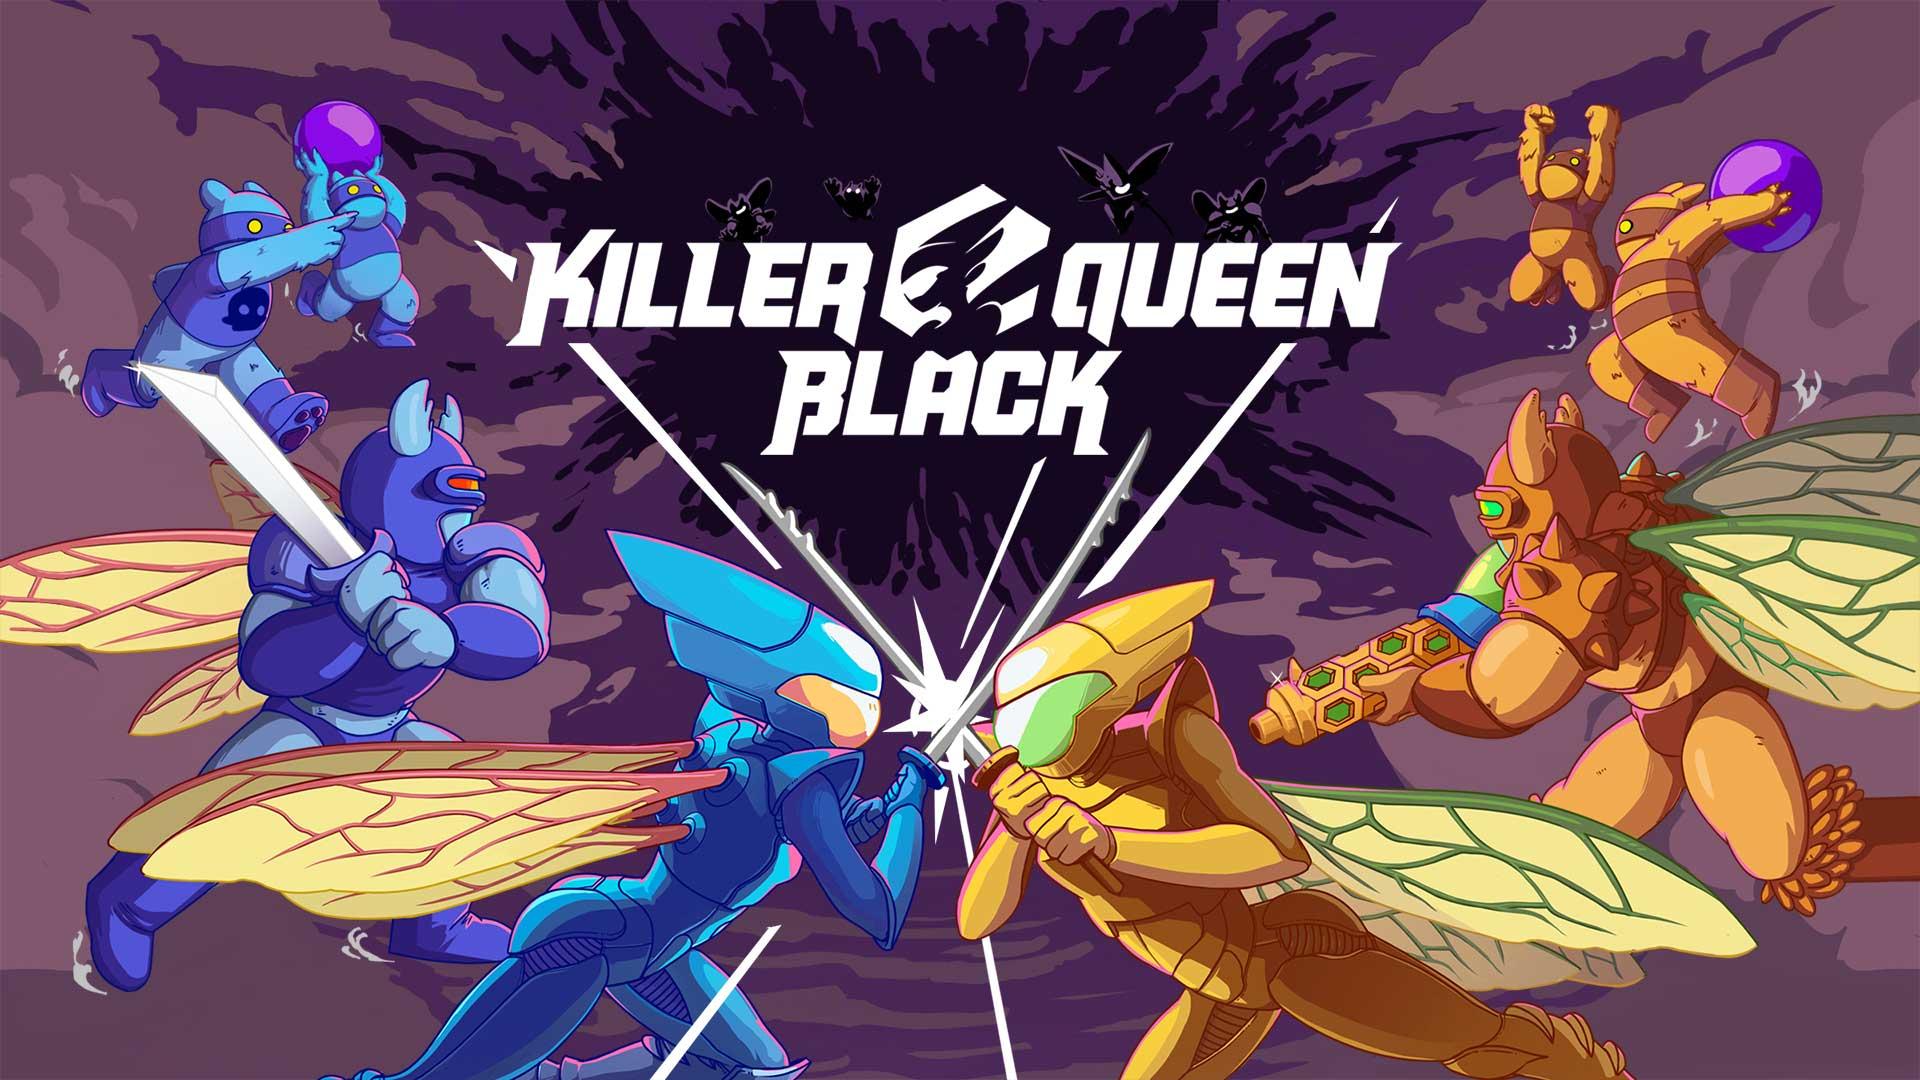 xbox game pass ocak 2021 killer queen black